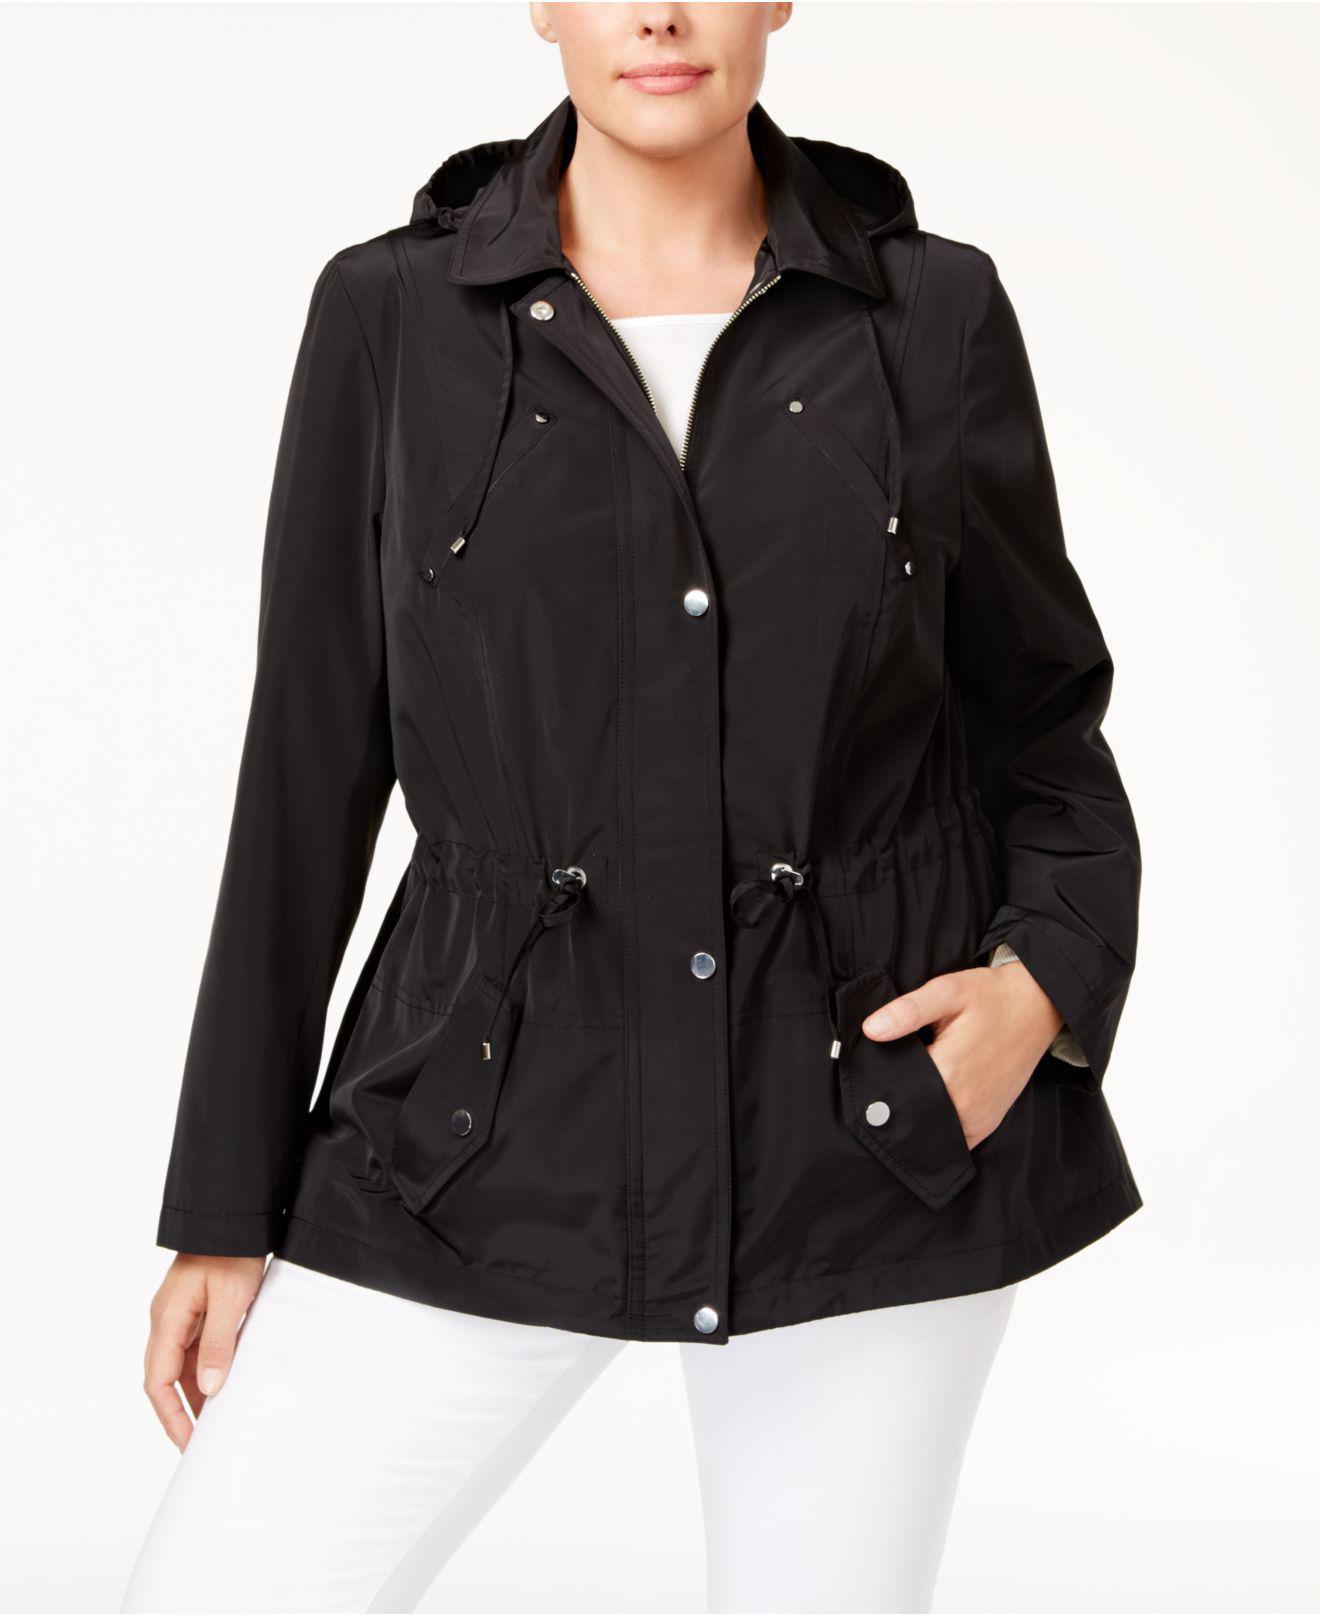 702ba85e4f1 Charter Club. Women s Black Plus Size Utility Jacket ...